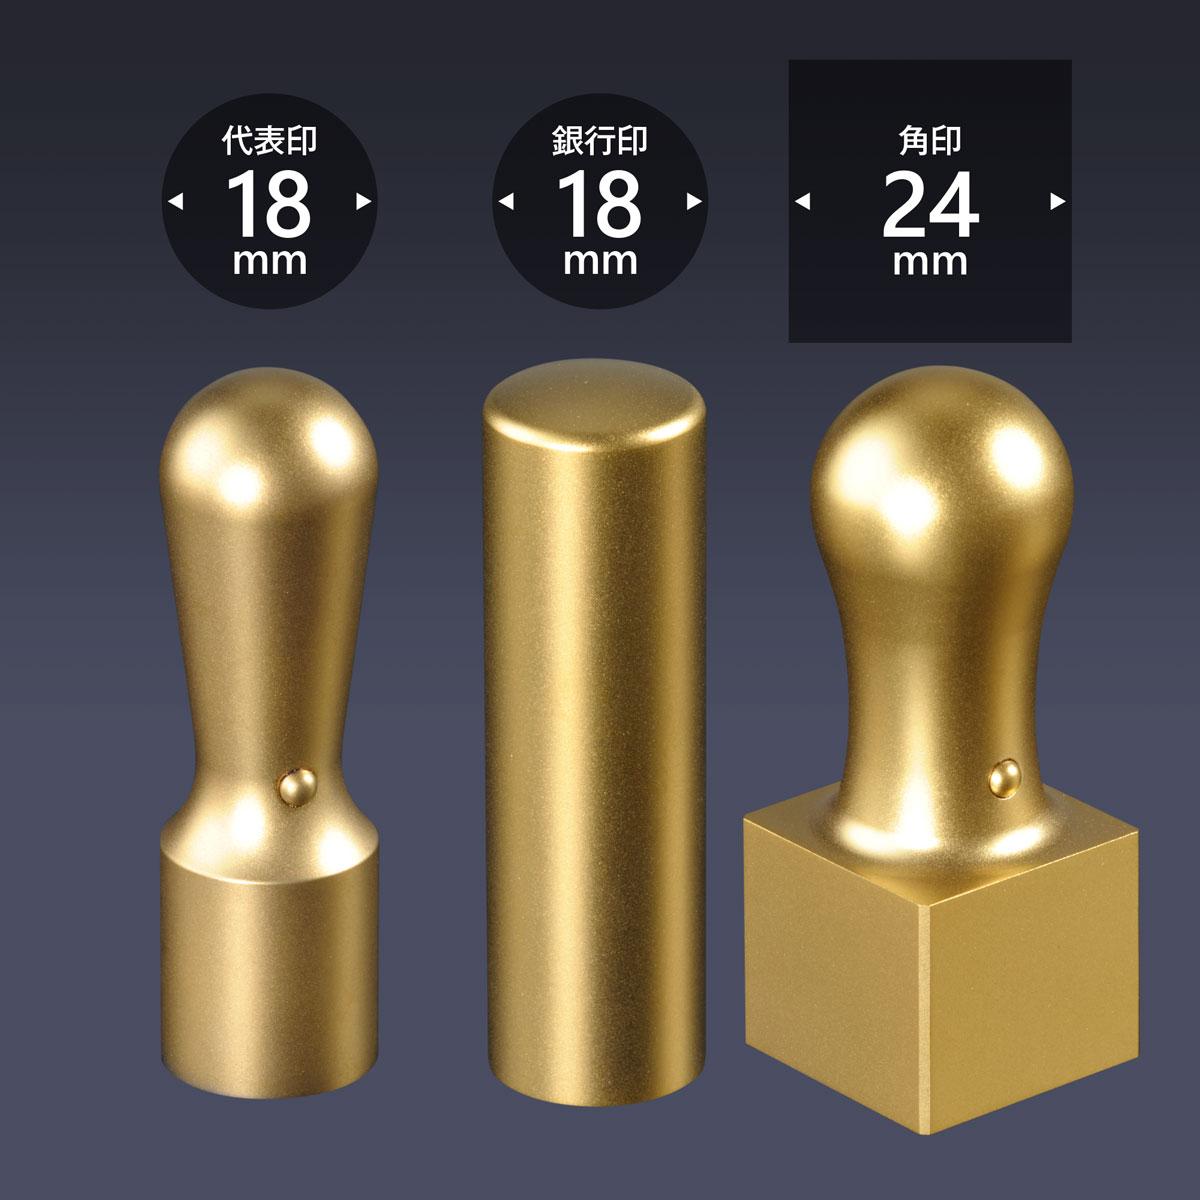 会社印 ブラストチタン(ゴールド)3本D24セット/送料無料 法人 会社設立 実印 銀行印 角印 女性 法人印鑑 社印